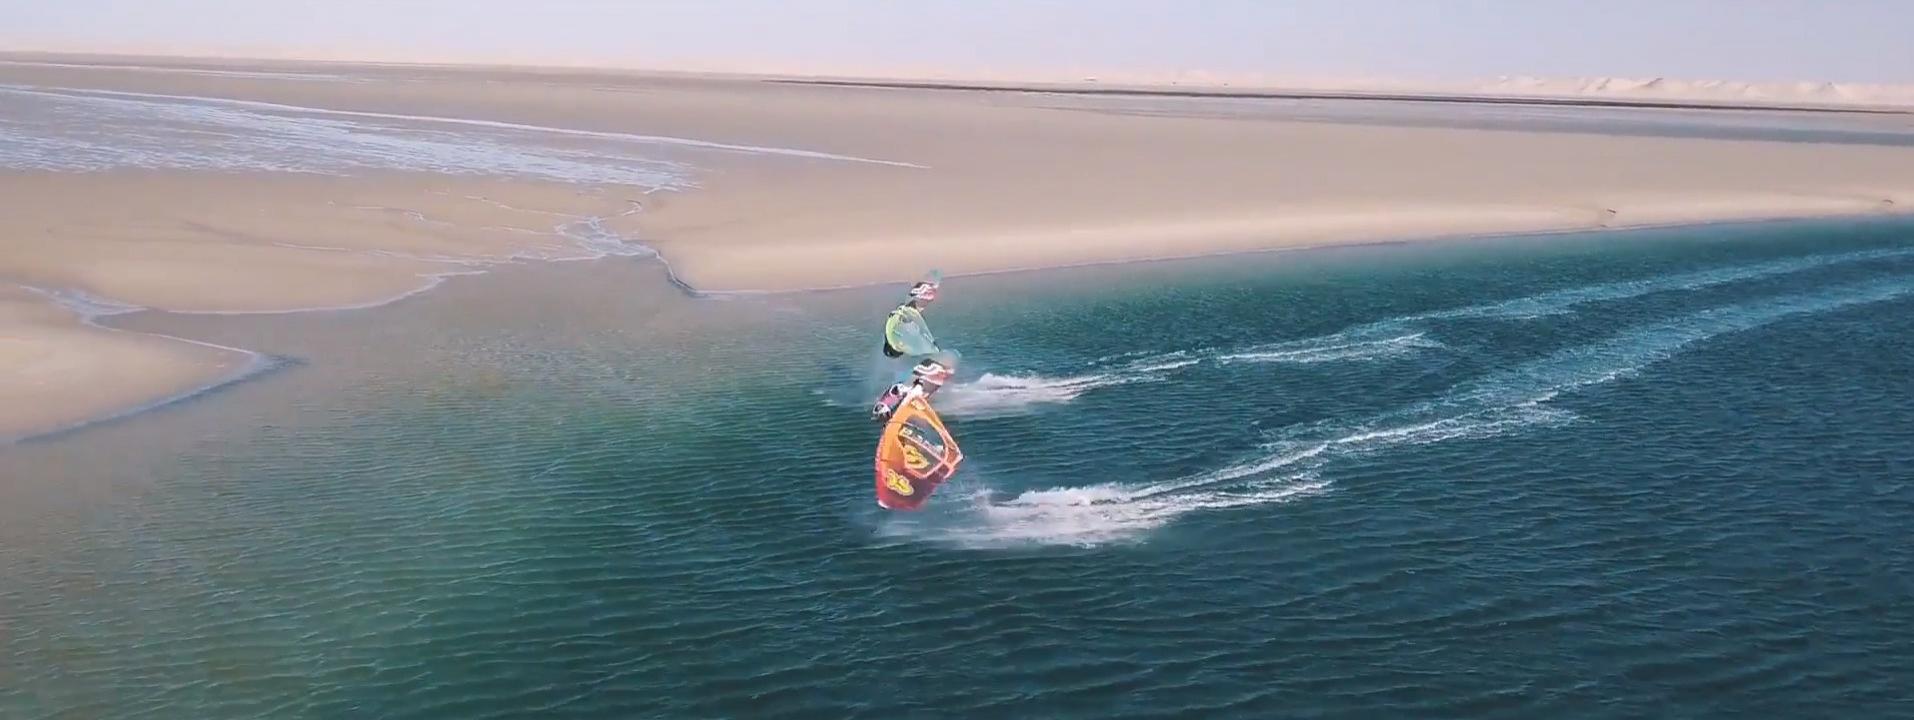 News Wind Vidéo windsurf : Julien Mas et Sam Esteve totalement synchro à Dakhla